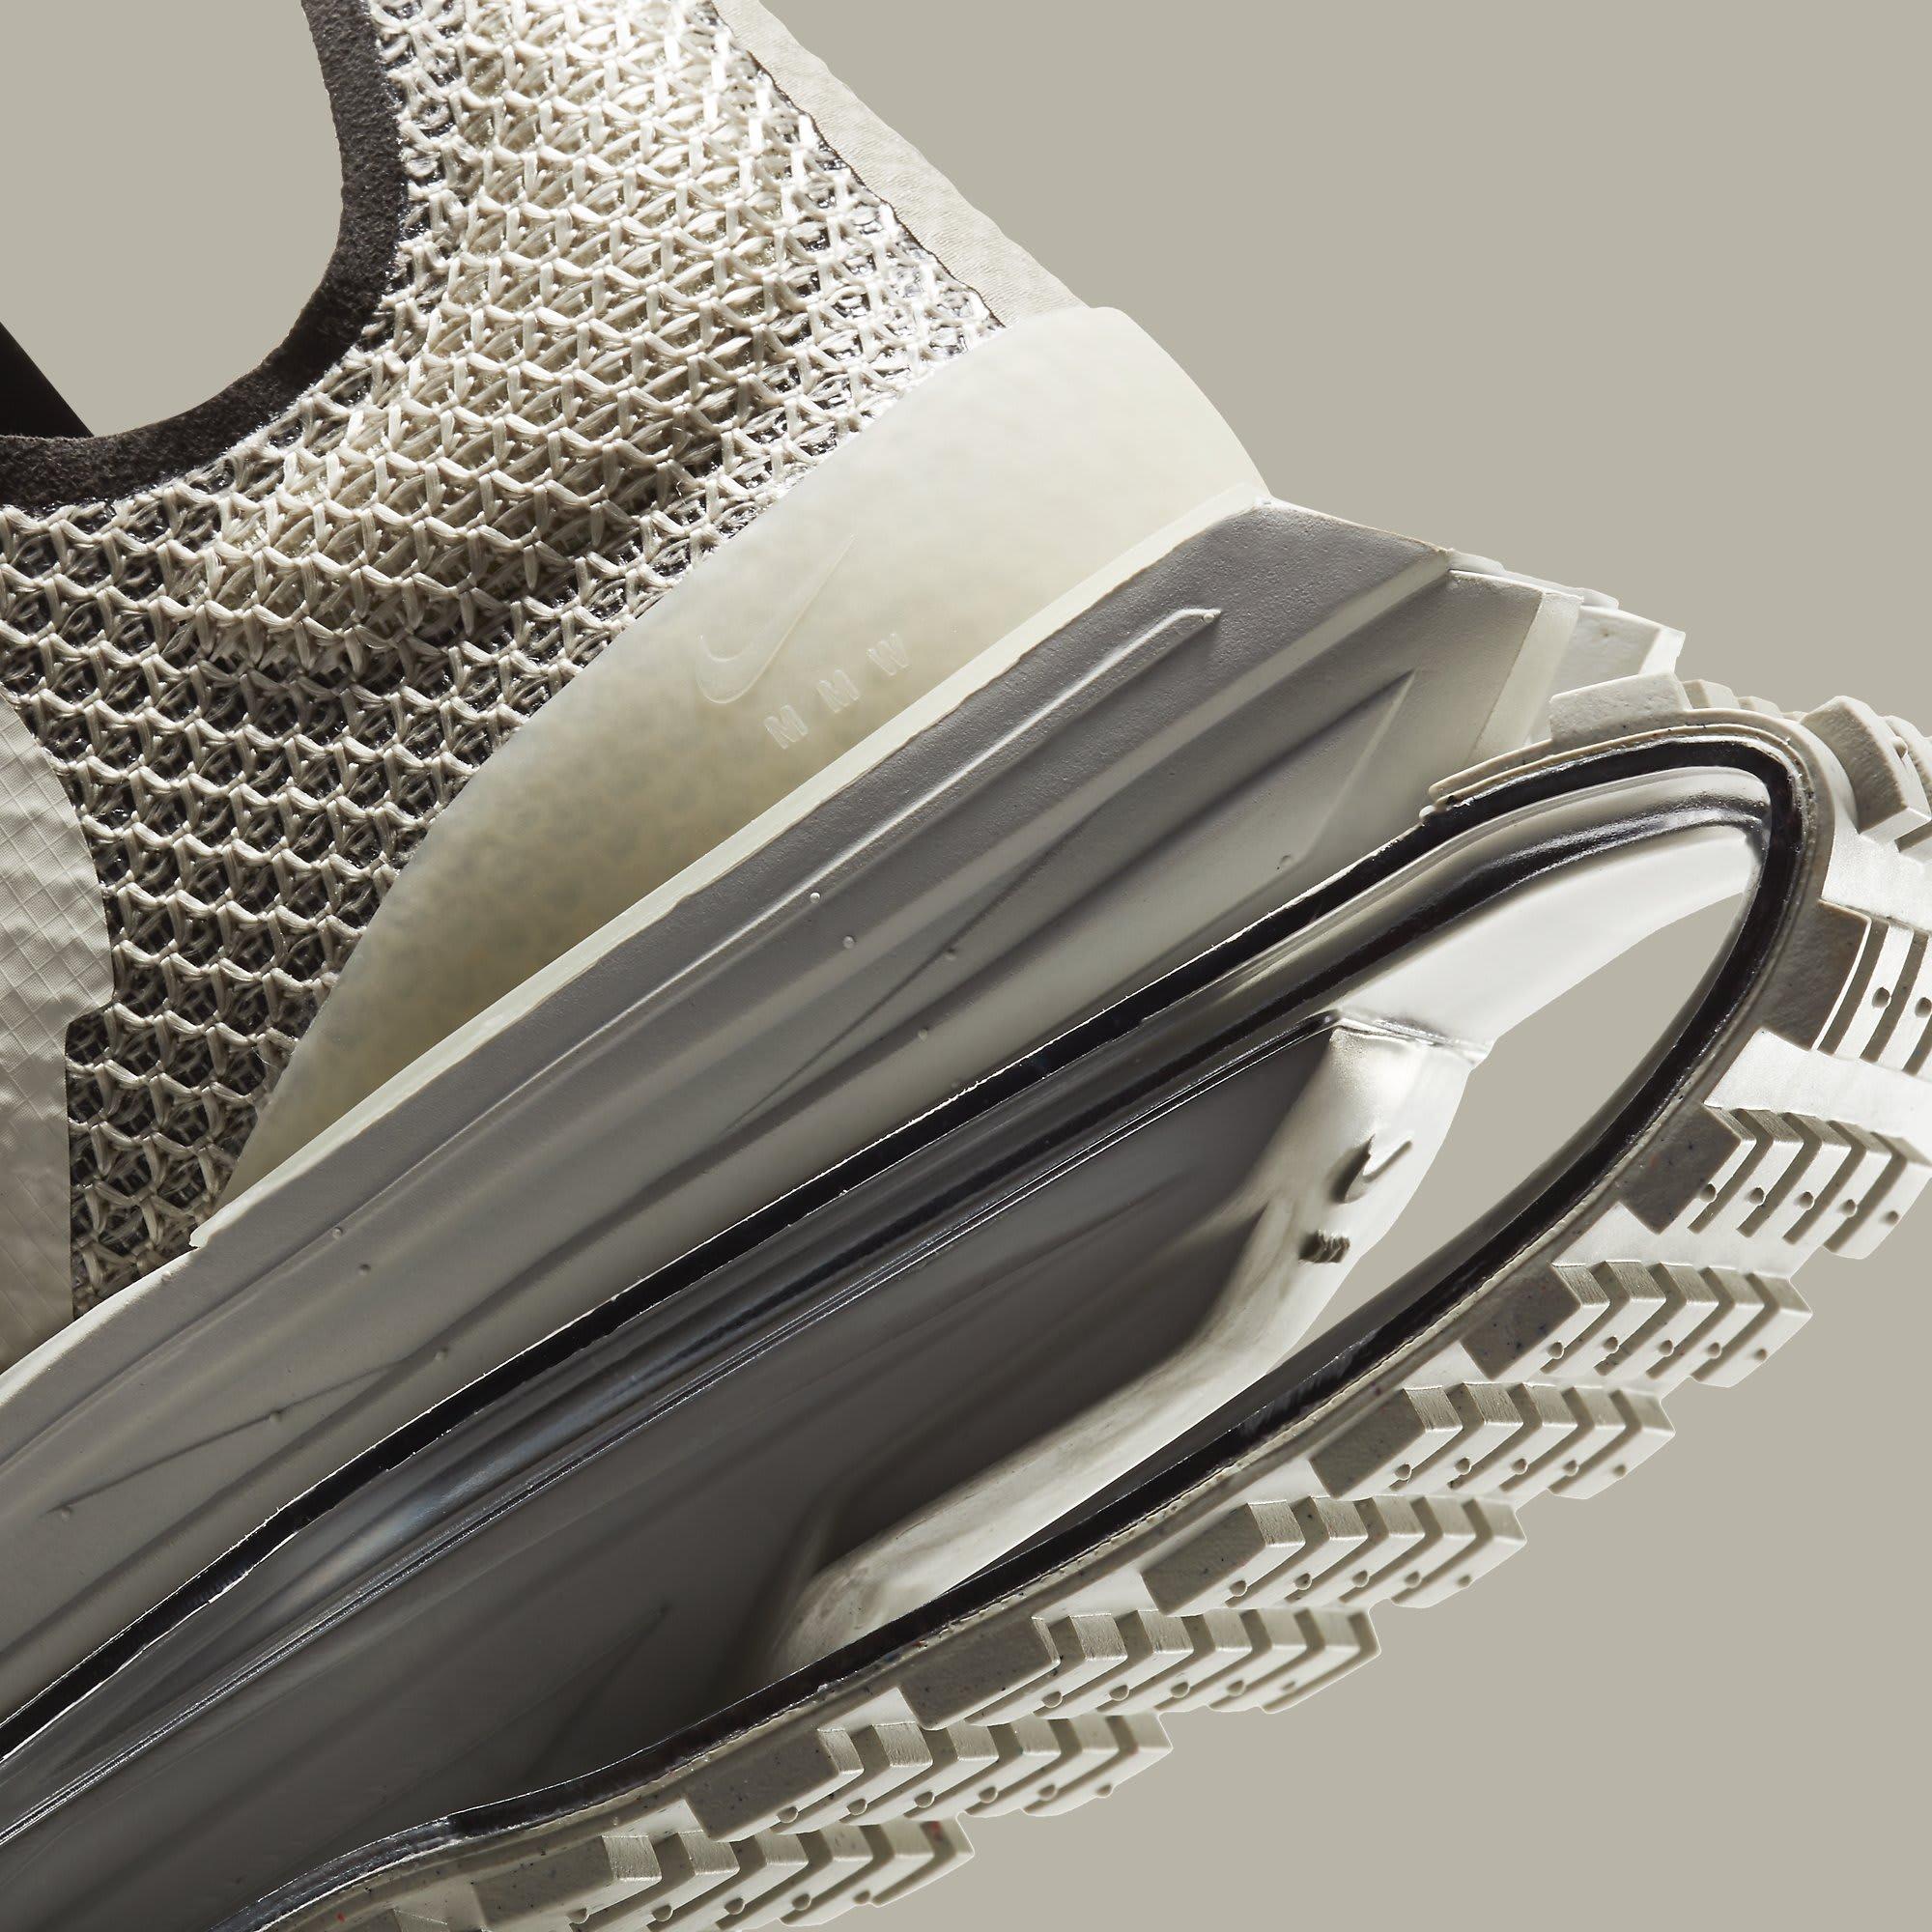 MMW x Nike Zoom 004 'Stone' CU0676-200 Heel